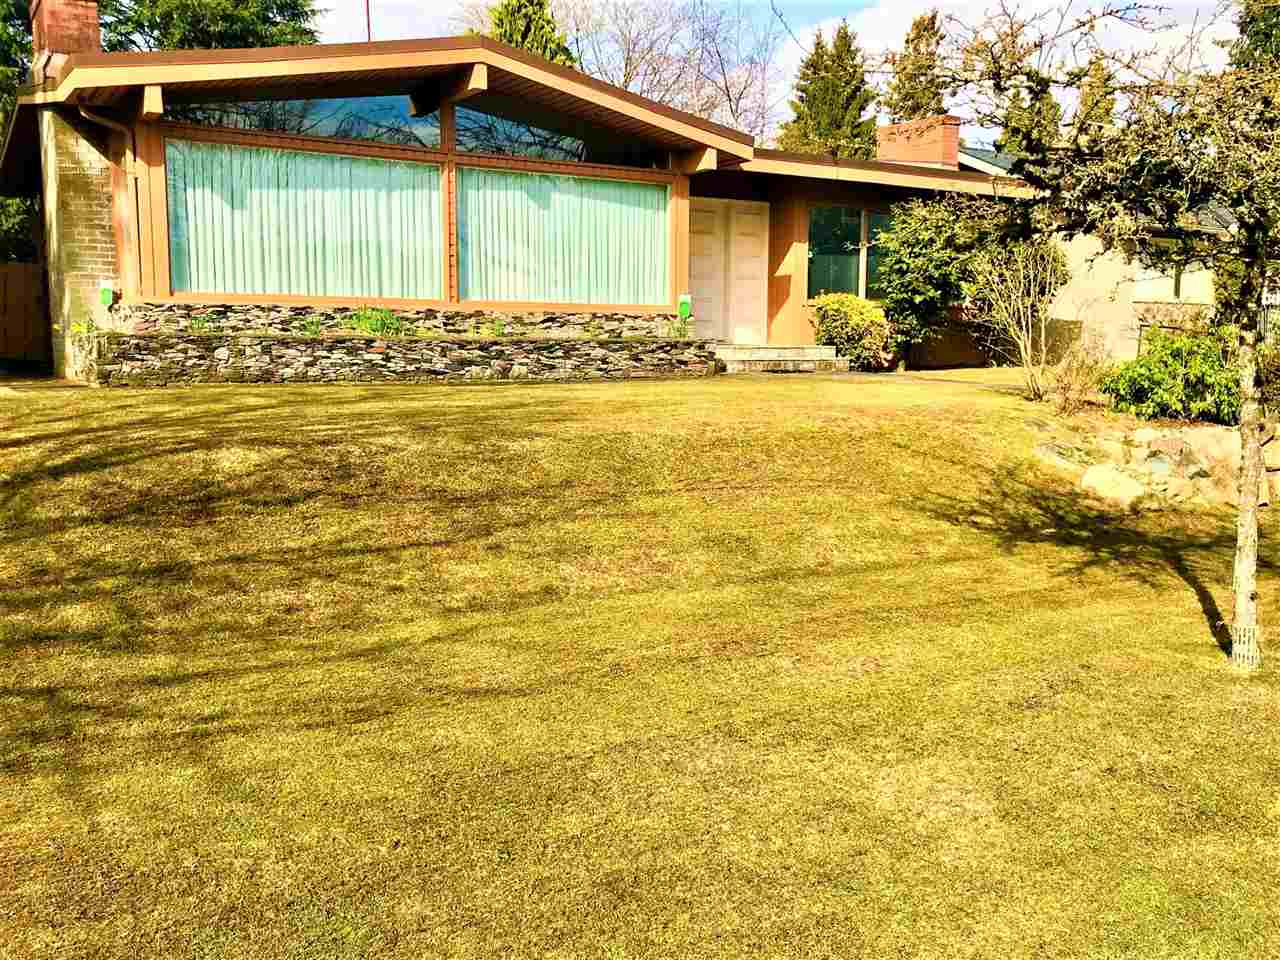 6349 FREMLIN STREET - Oakridge VW House/Single Family for sale, 5 Bedrooms (R2563515)